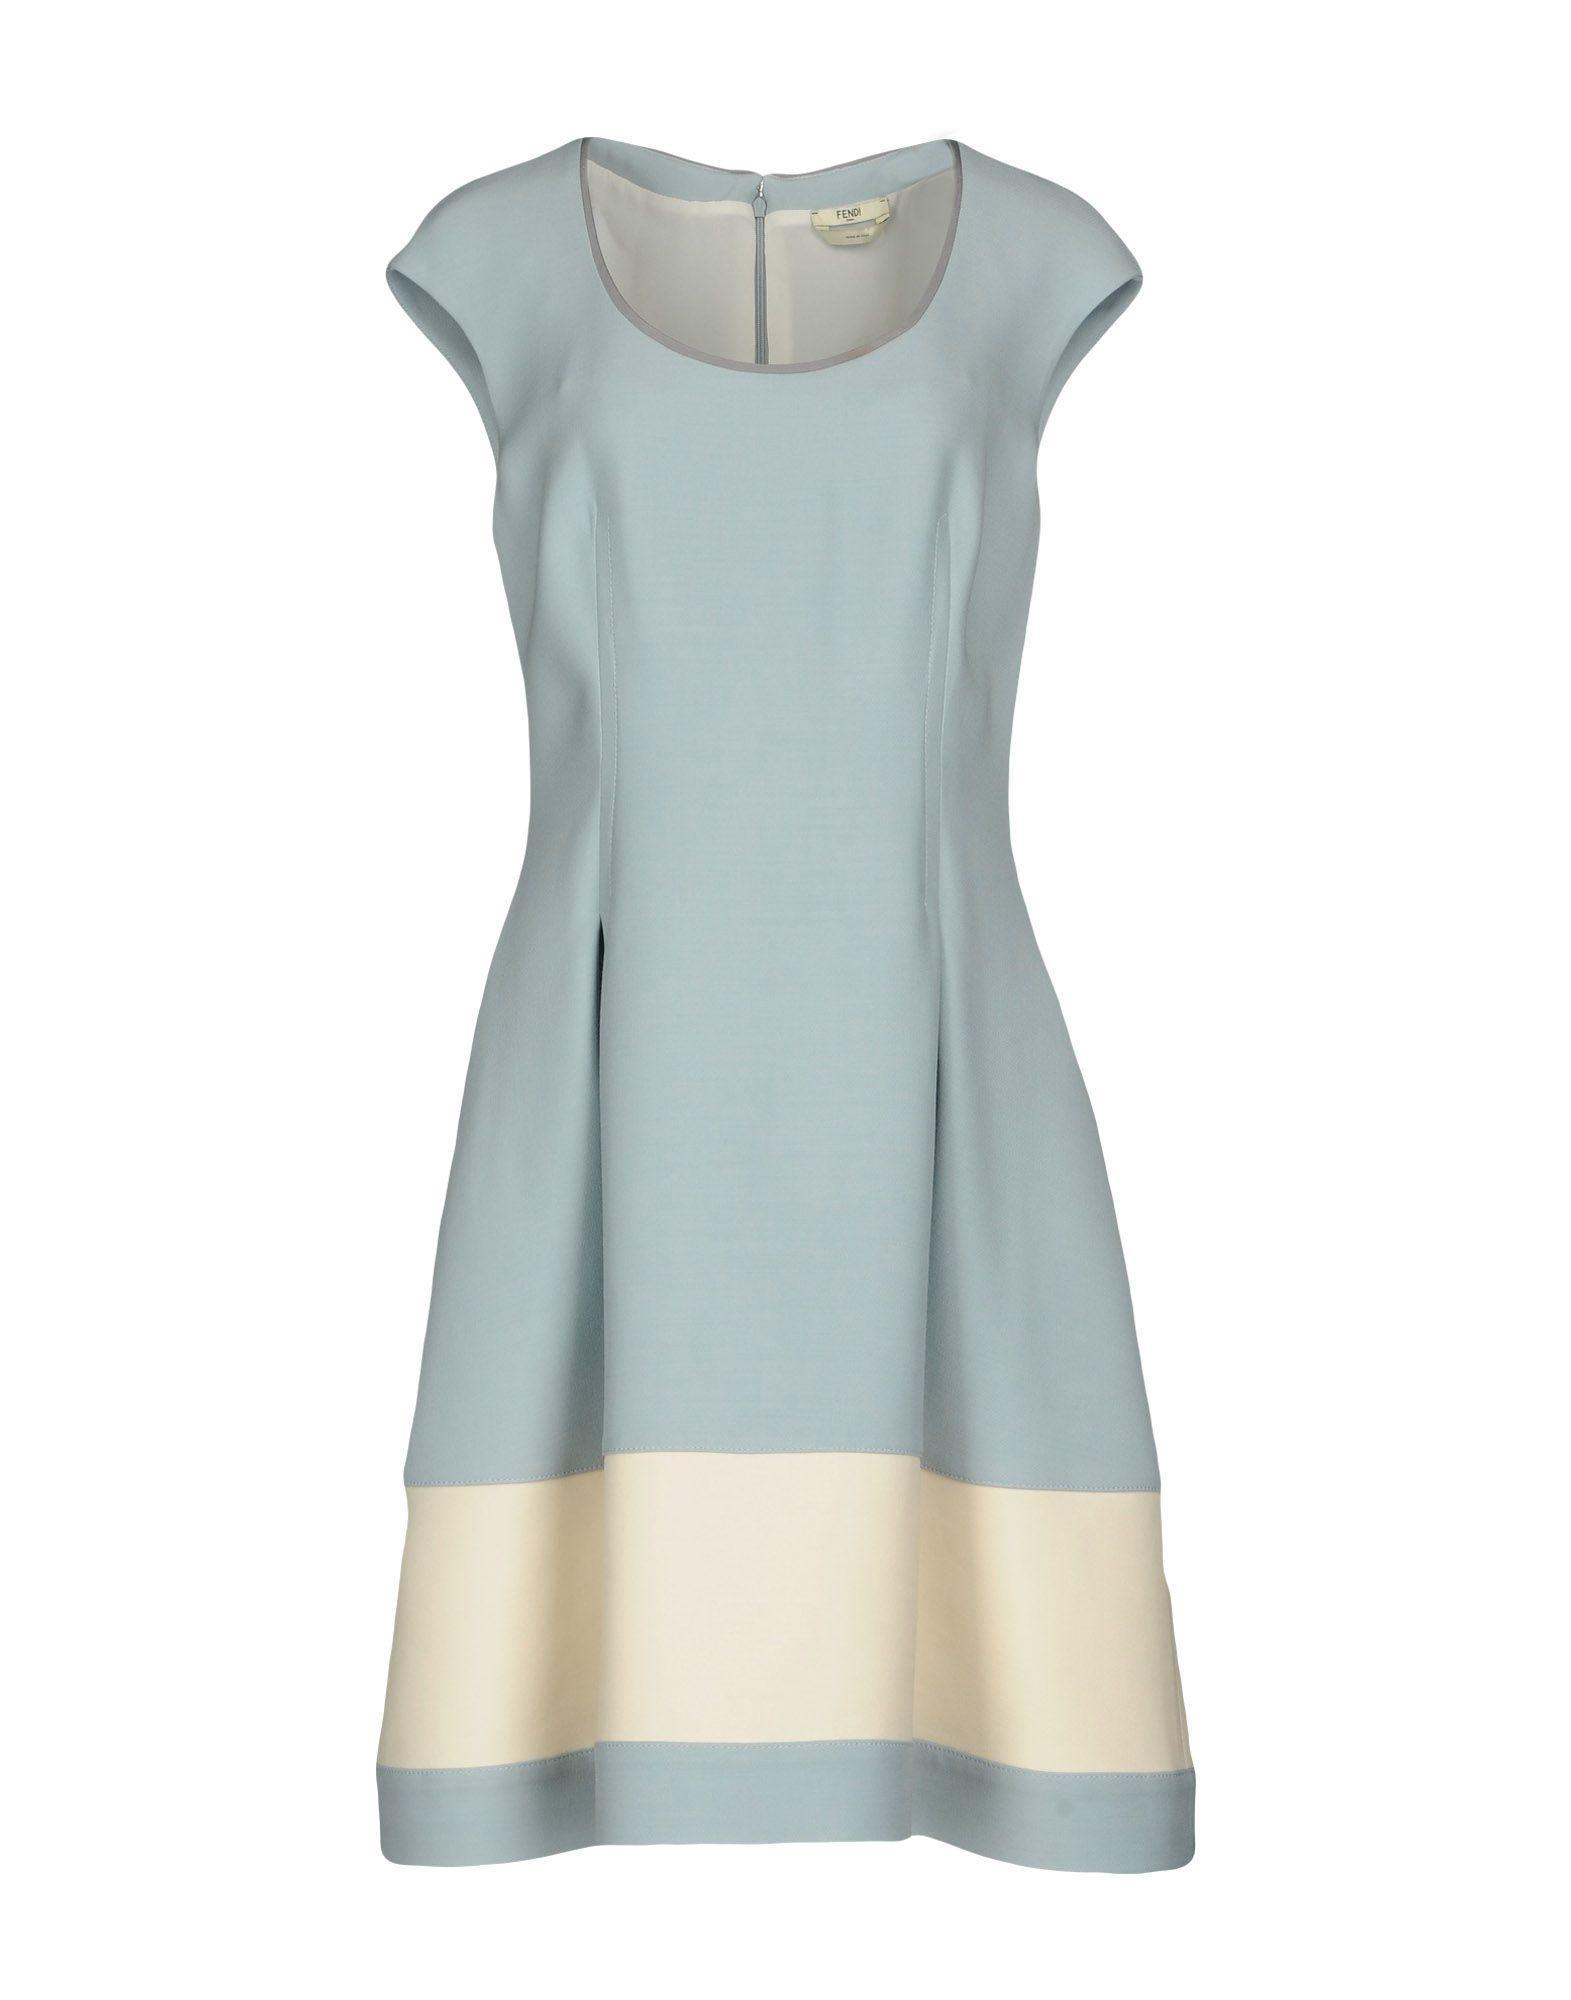 Fendi Short Dress In Sky Blue